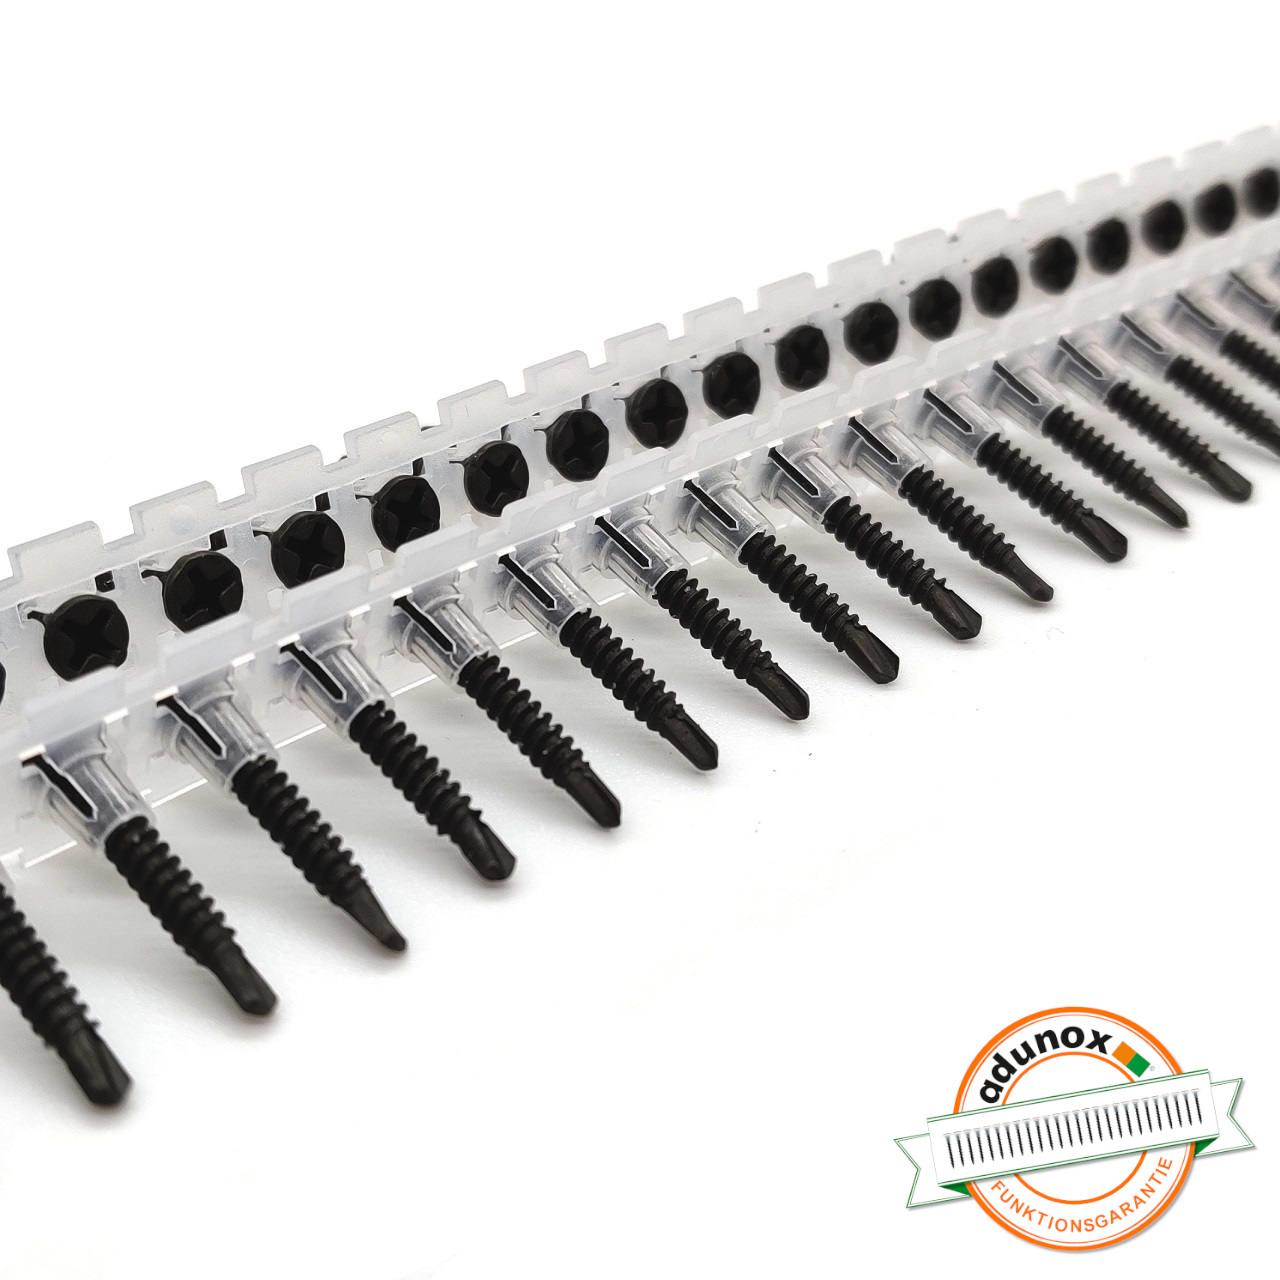 Magazinierte Faserplattenschrauben | phosphatiert | Bohrspitze | 3,5x25